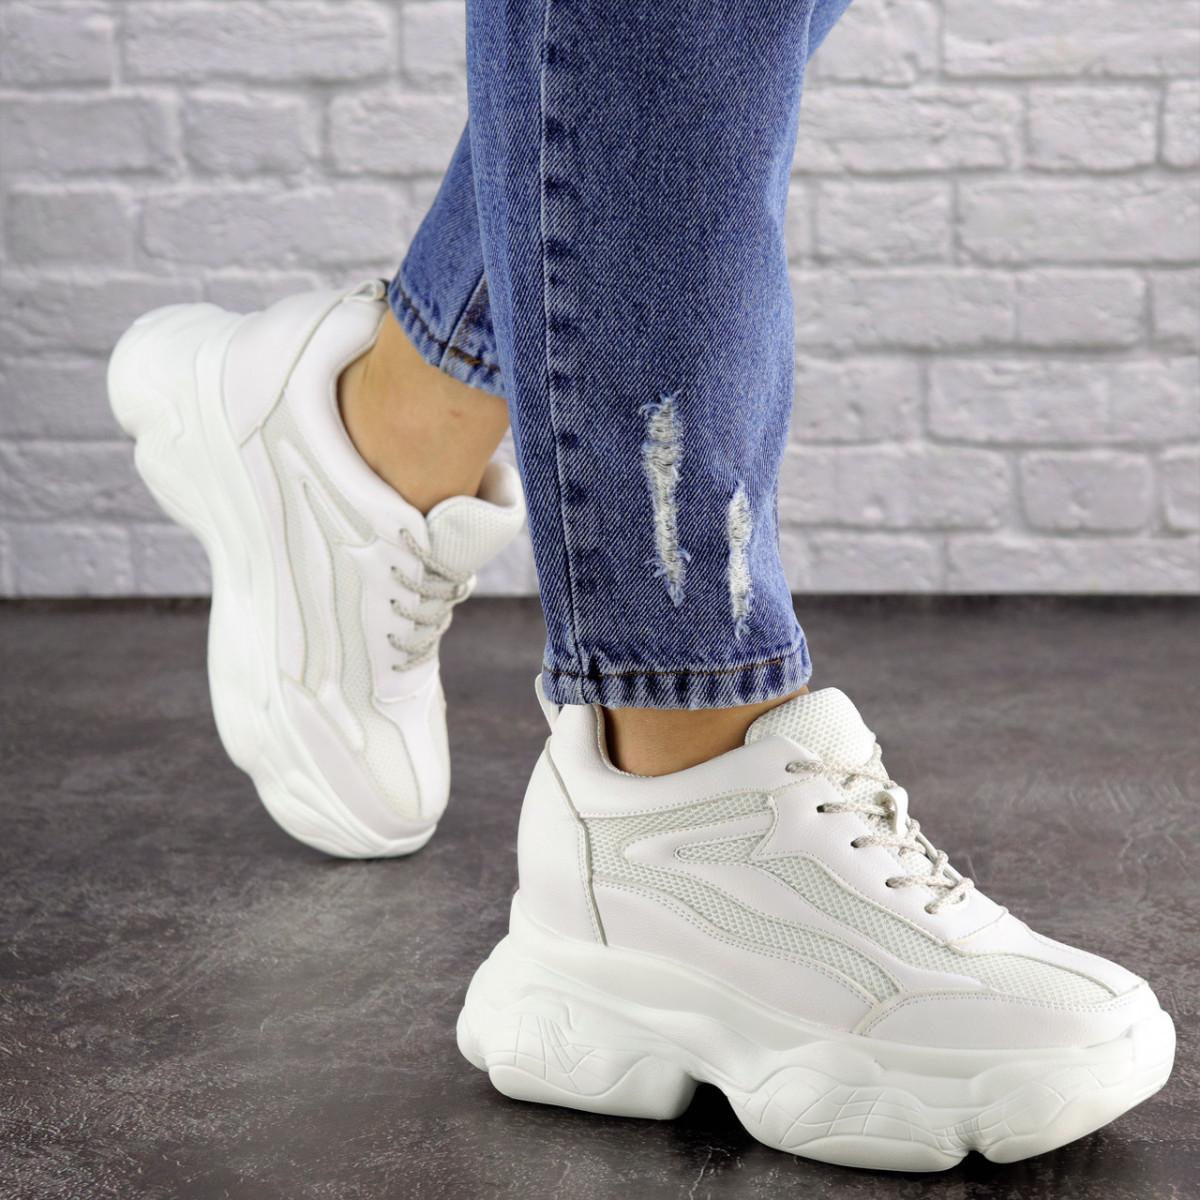 Женские стильные кроссовки на танкетке Fashion Penny 1673 36 размер 23 см Белый